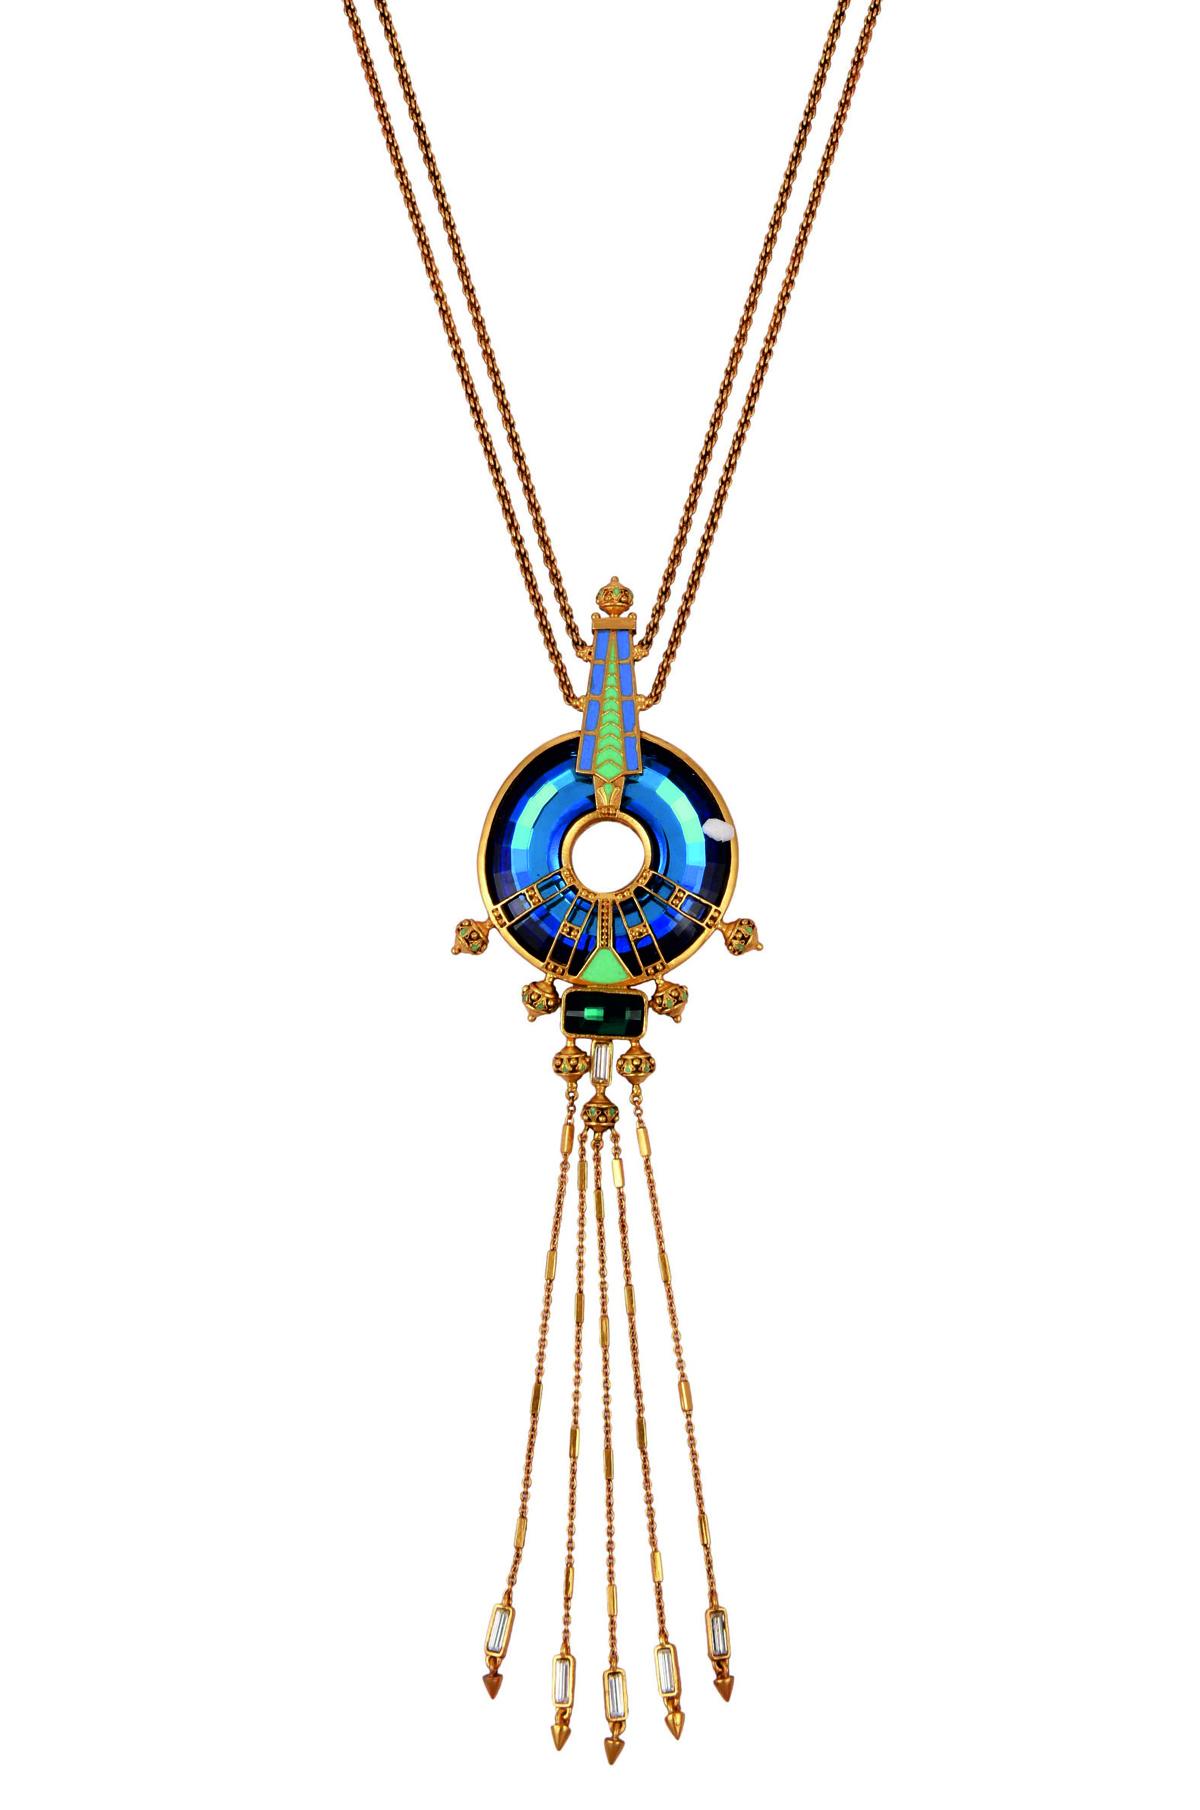 Baroque Marine Necklace